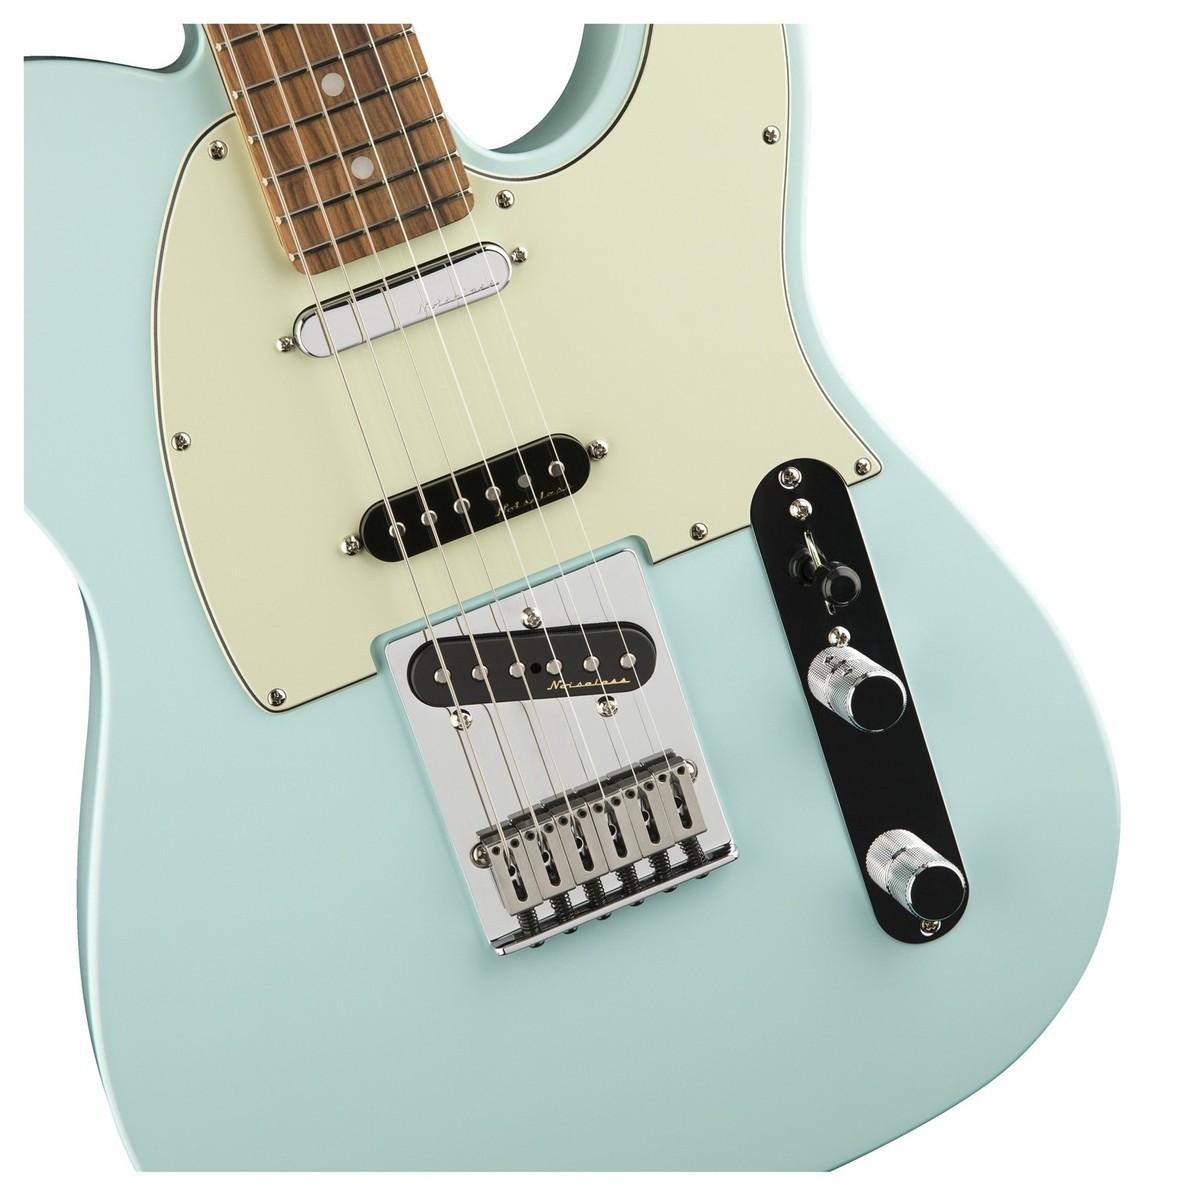 fender deluxe nashville telecaster electric guitar pf daphne blue at. Black Bedroom Furniture Sets. Home Design Ideas